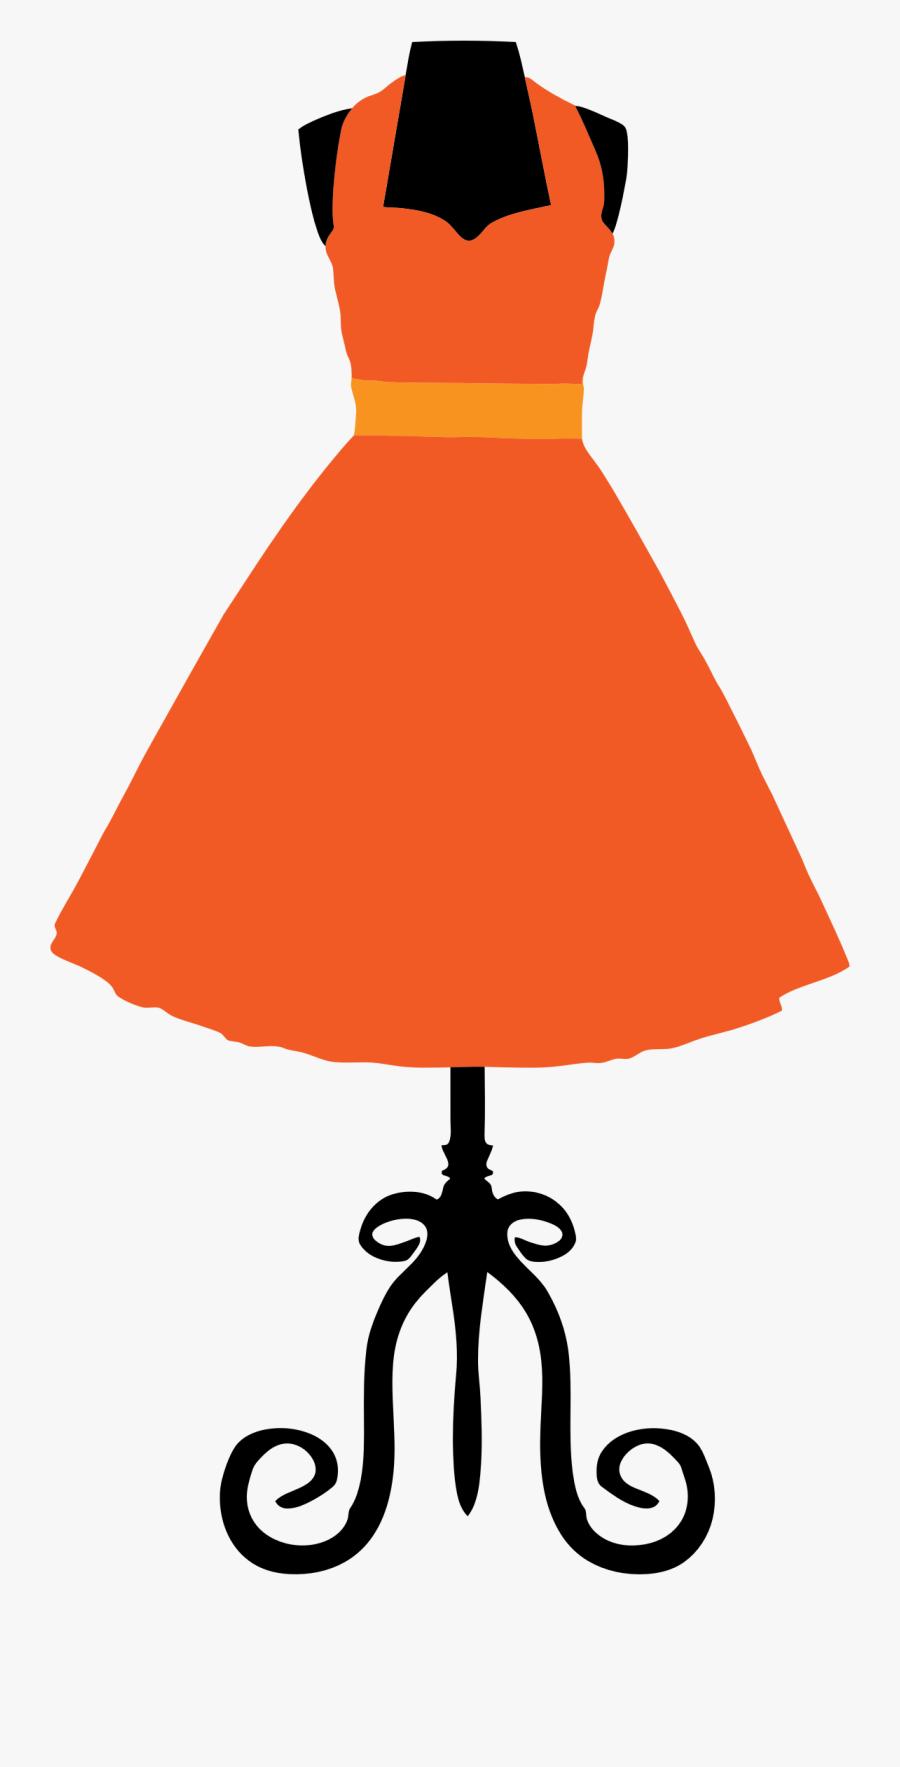 Clipart - Dress Clipart Png, Transparent Clipart